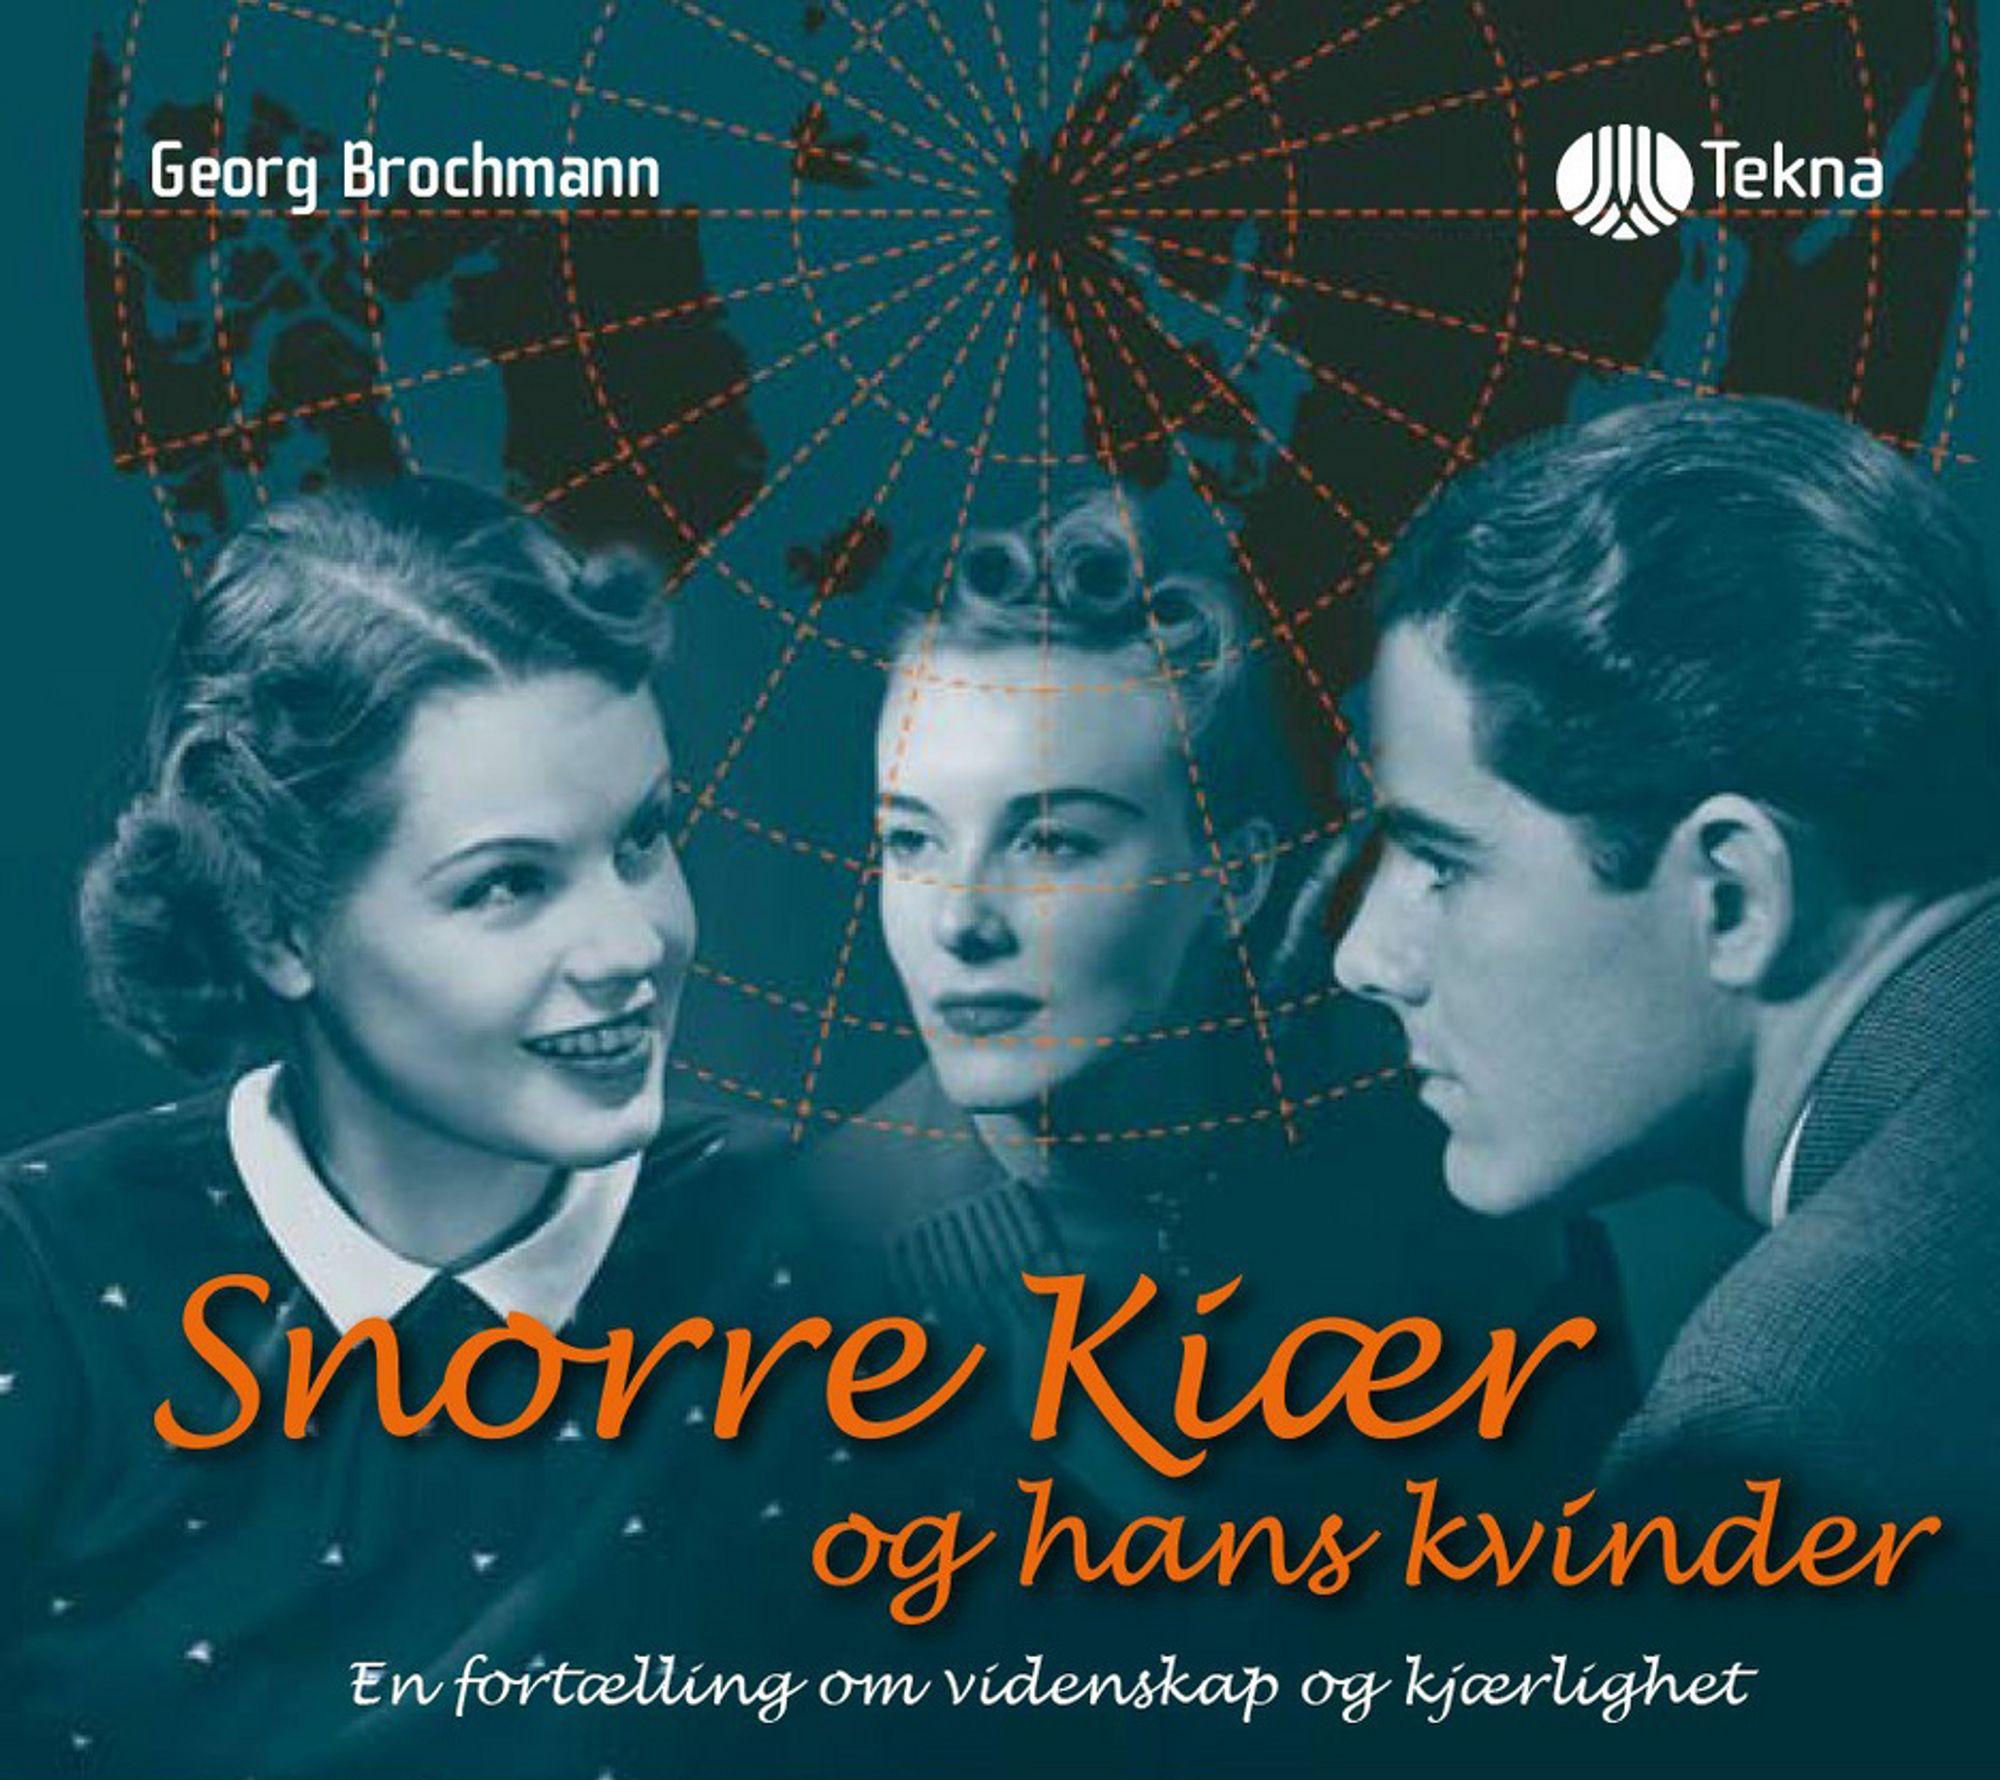 """CD-coveret til lydboka med romanen """"Snorre Kjær og hans Kvinder, En fortælling om videnskap og kjærlighet"""" av Georg Brochmann, sivilingeniør, forfatter og filosof."""